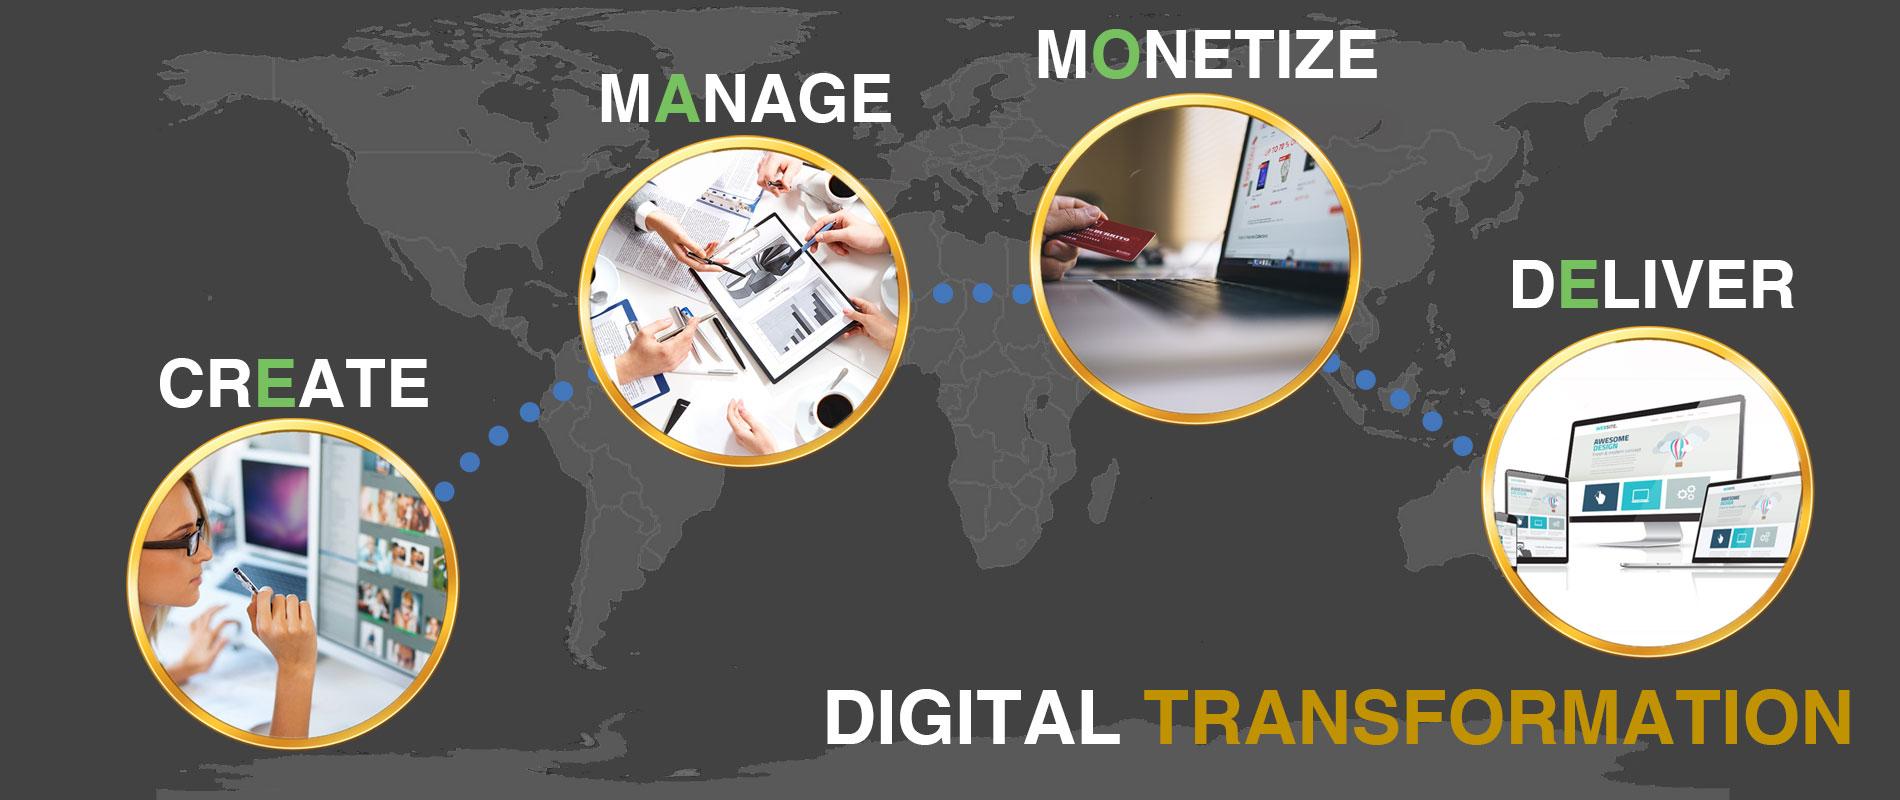 Digital Transformation in Middle East, Dubai, Abu Dhabi